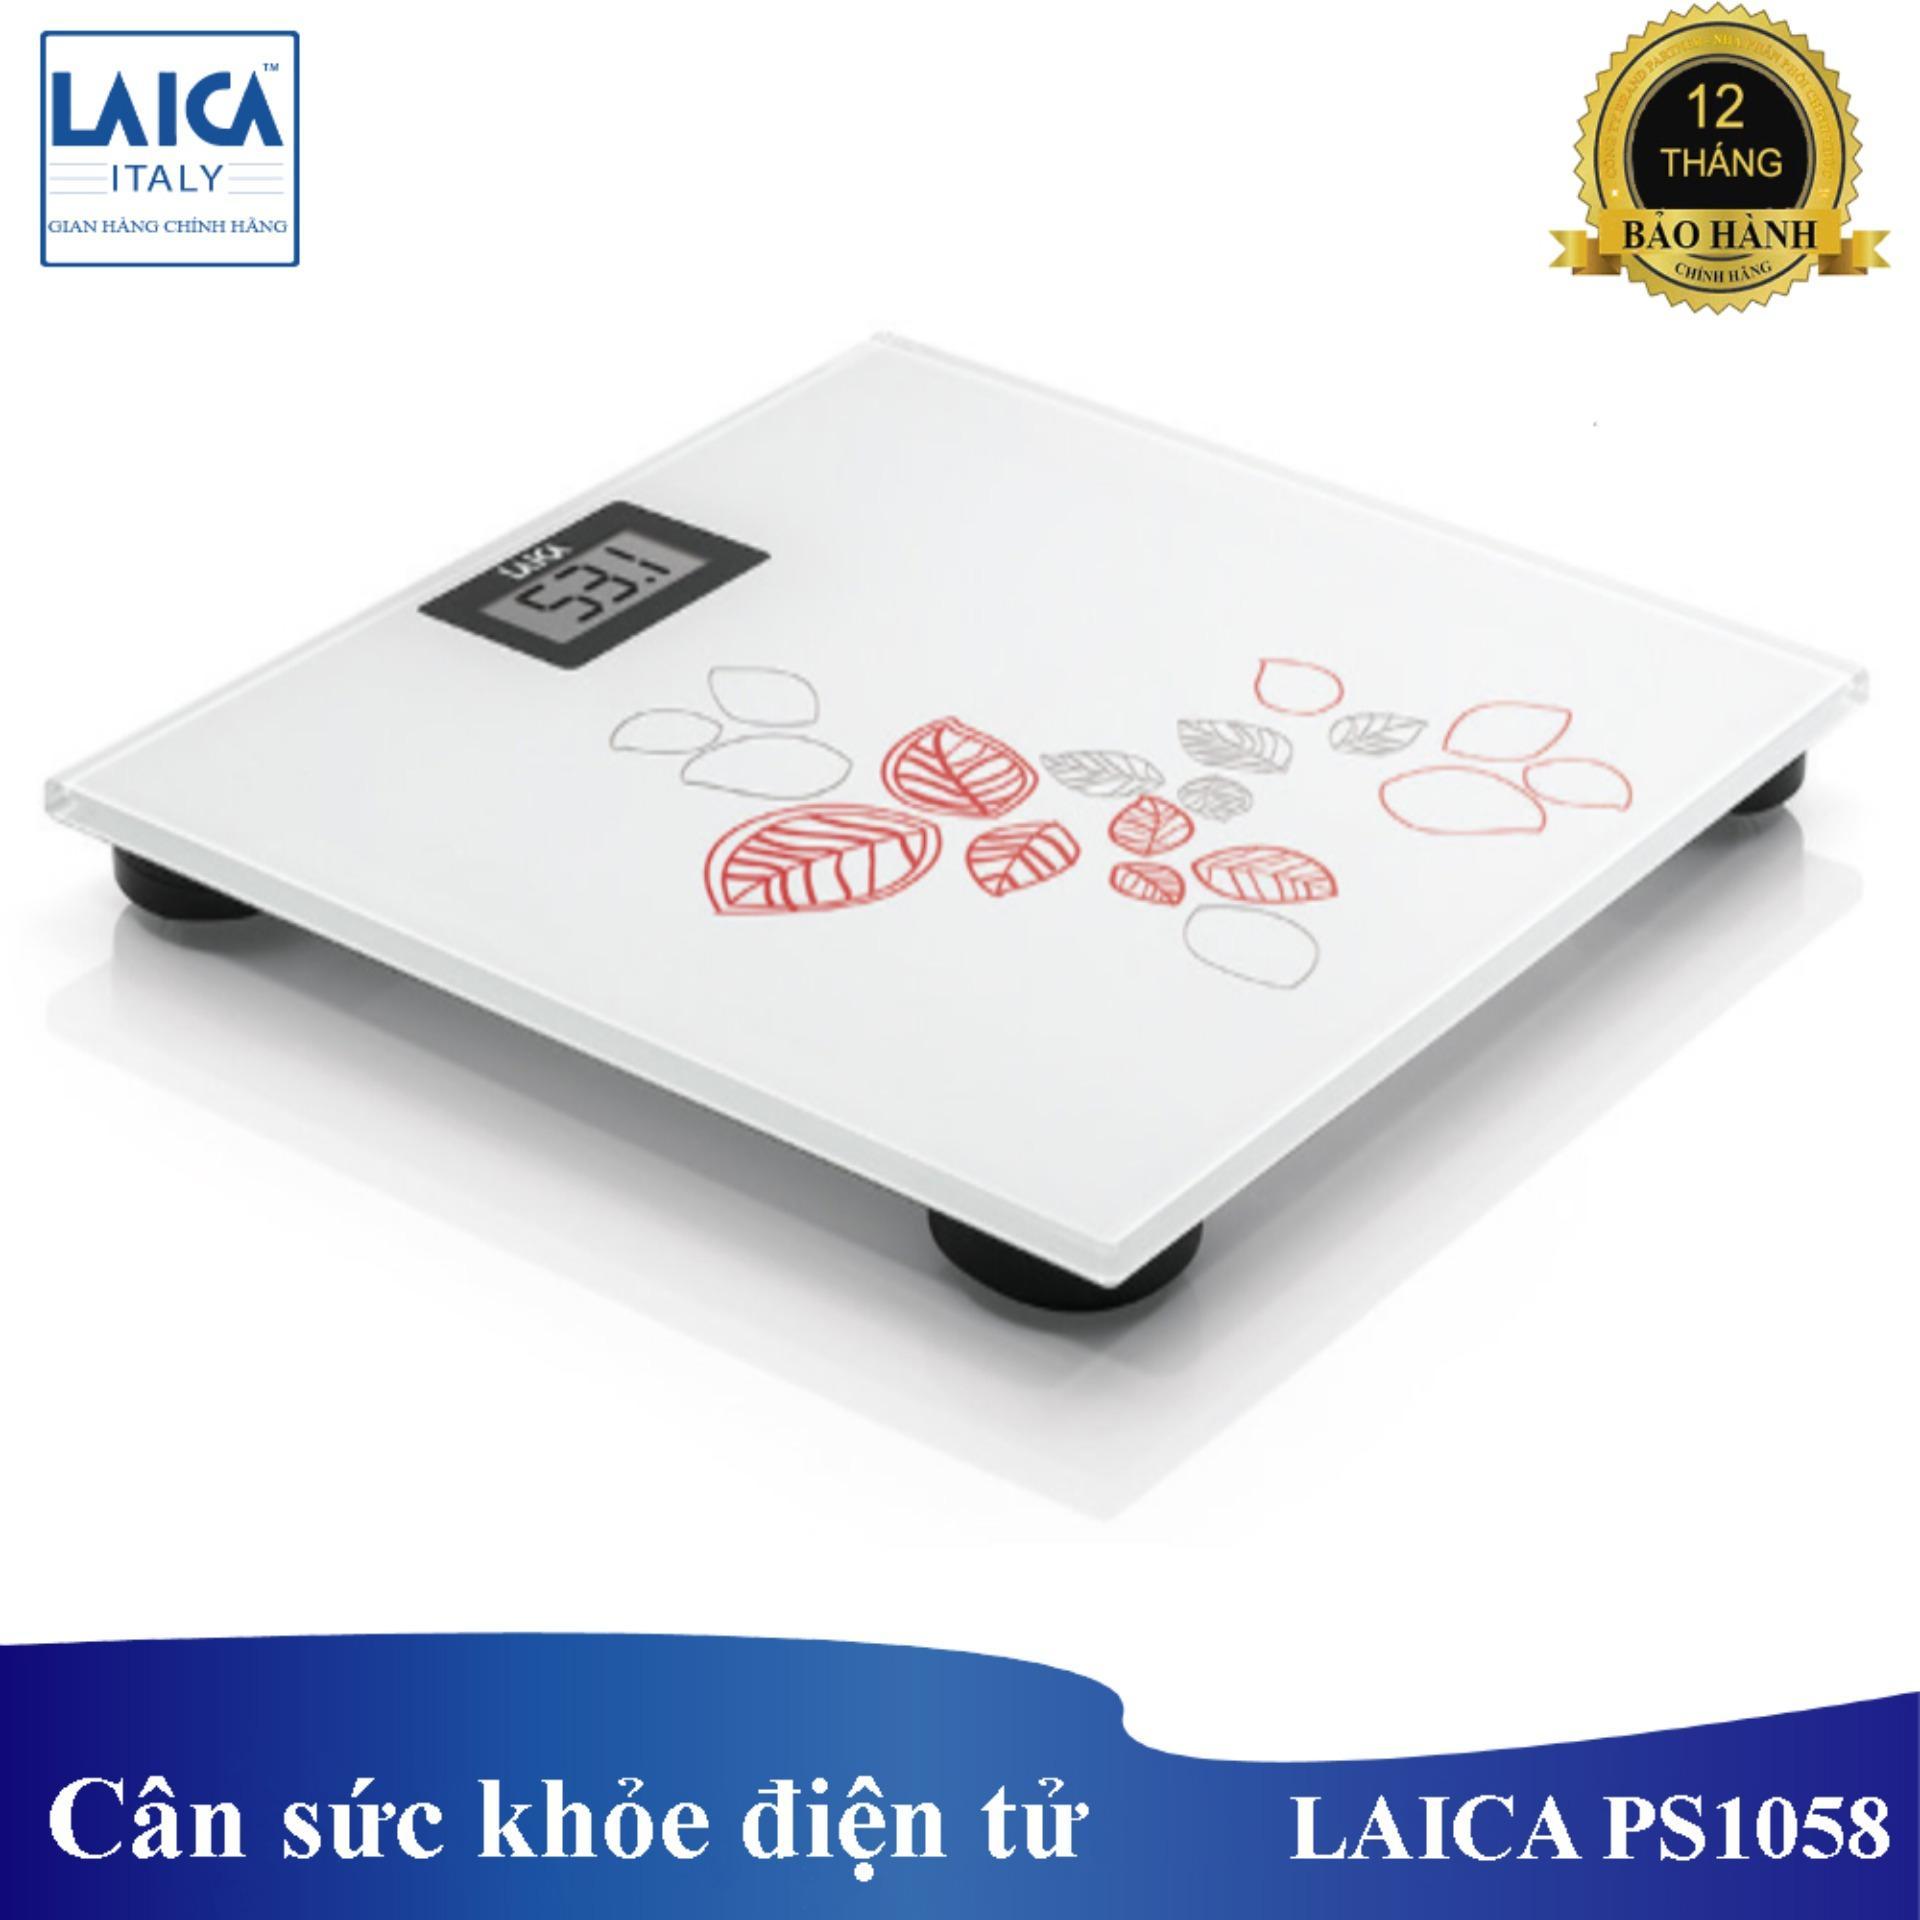 Cân Sức Khỏe điện Tử Laica LAICA PS1058 Bất Ngờ Ưu Đãi Giá